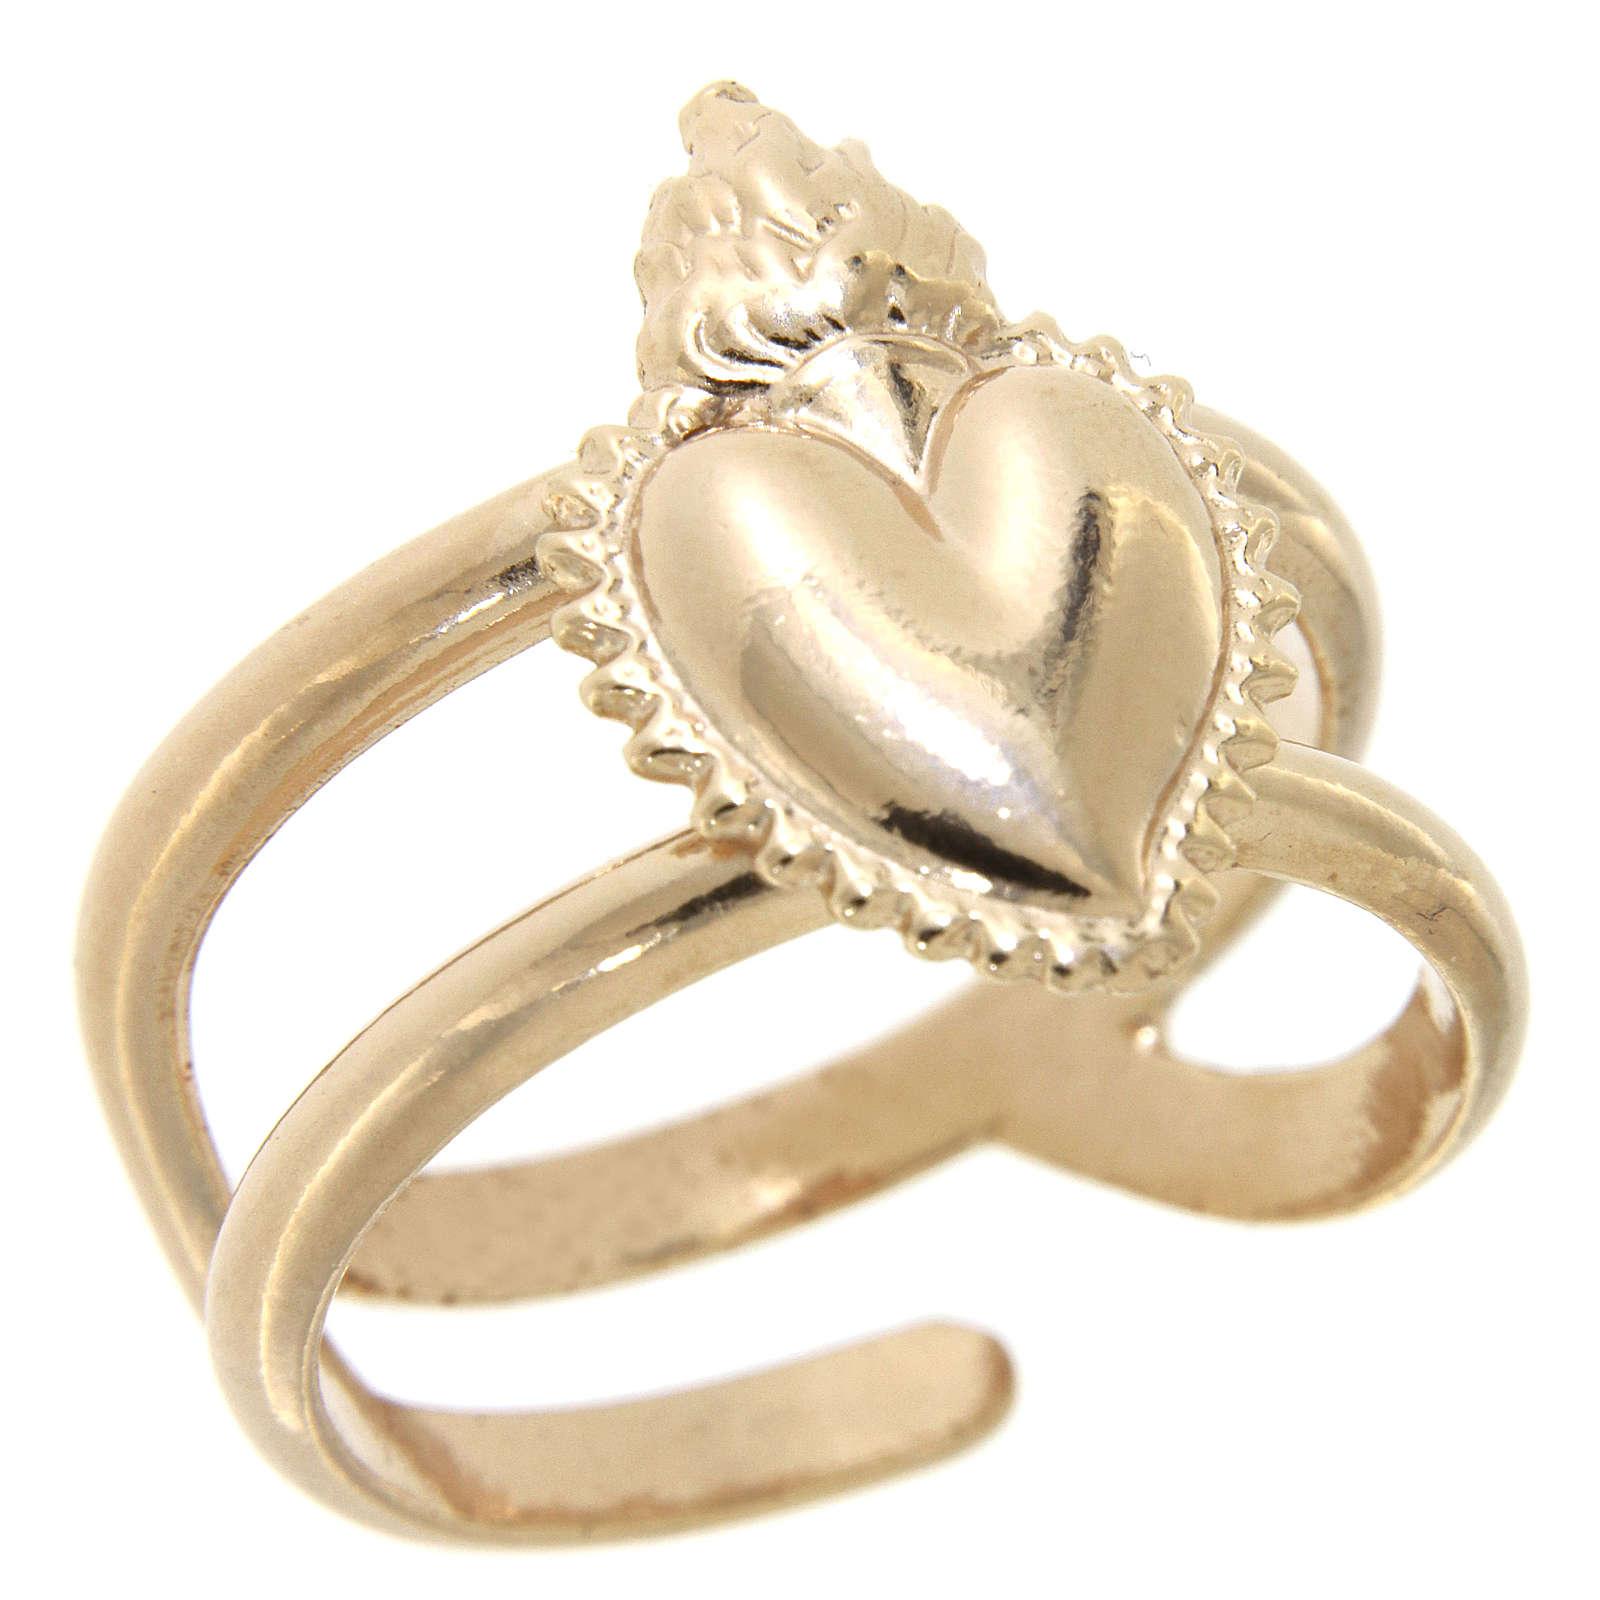 Anillo rosado de plata 925 con corazón votivo lleno ajustable 3